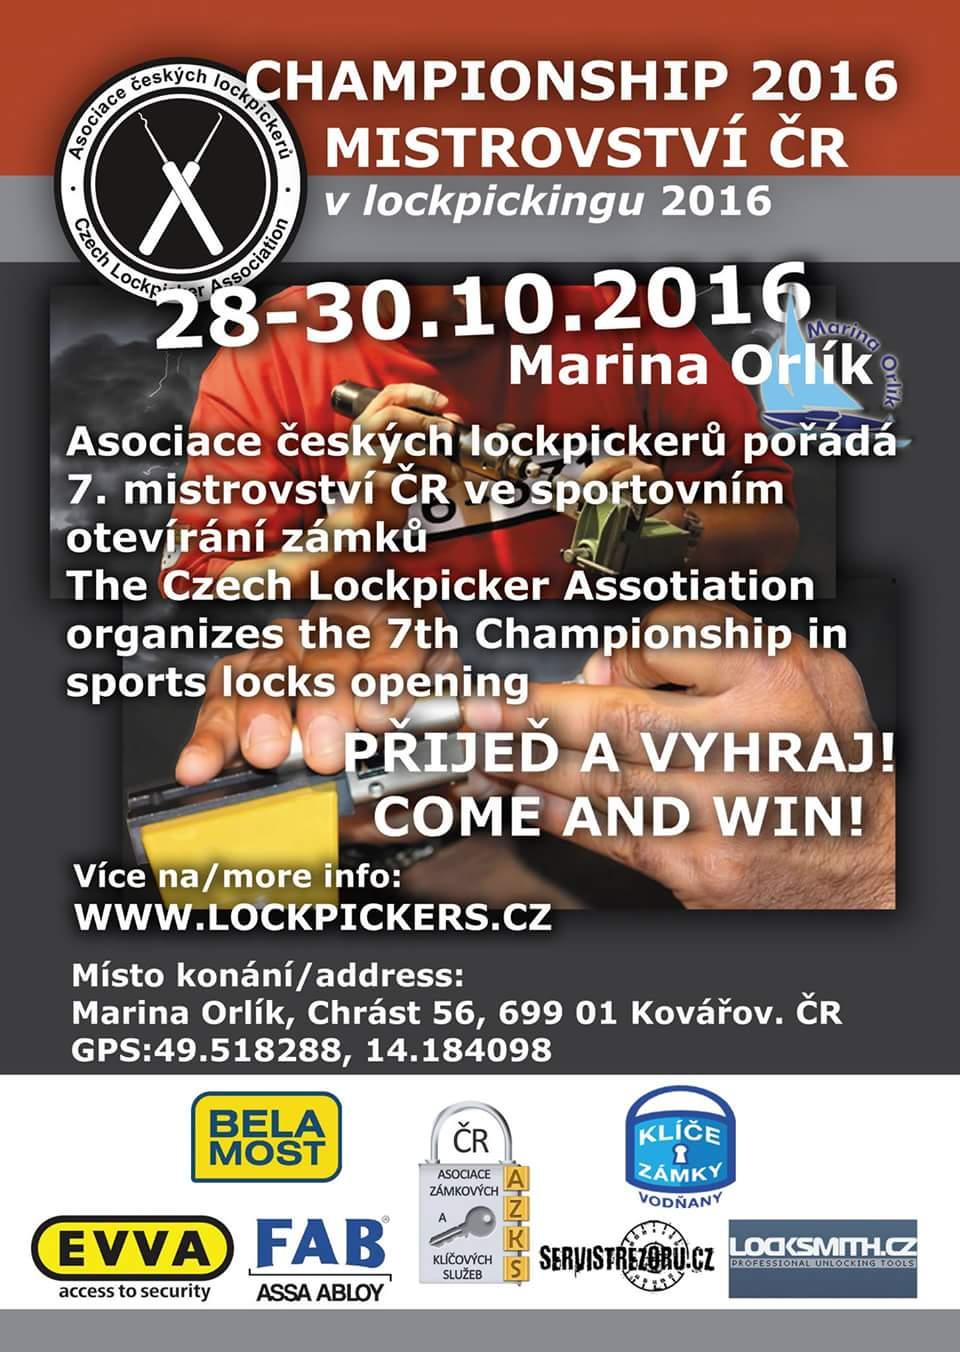 Mistrovství ČR 2016 v lockpickingu